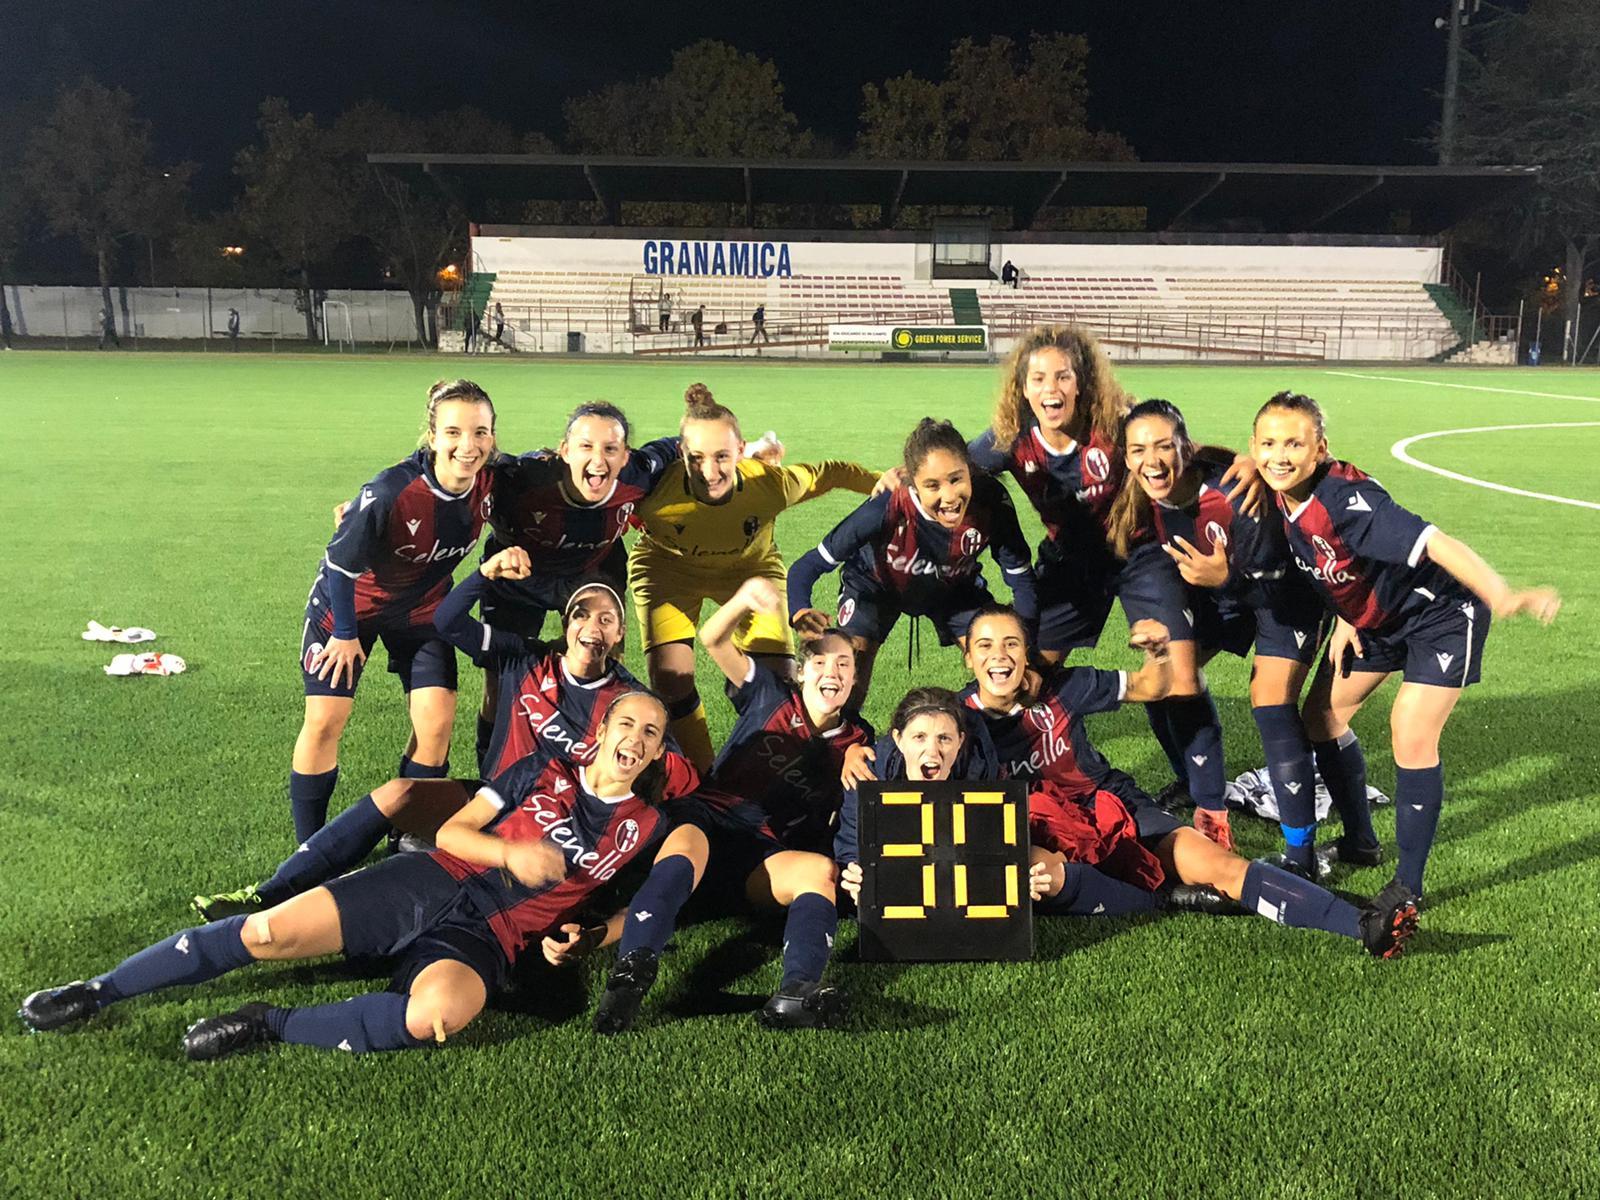 Bologna Femminile agli ottavi di Coppa Italia. Battuta la Spal 3-0